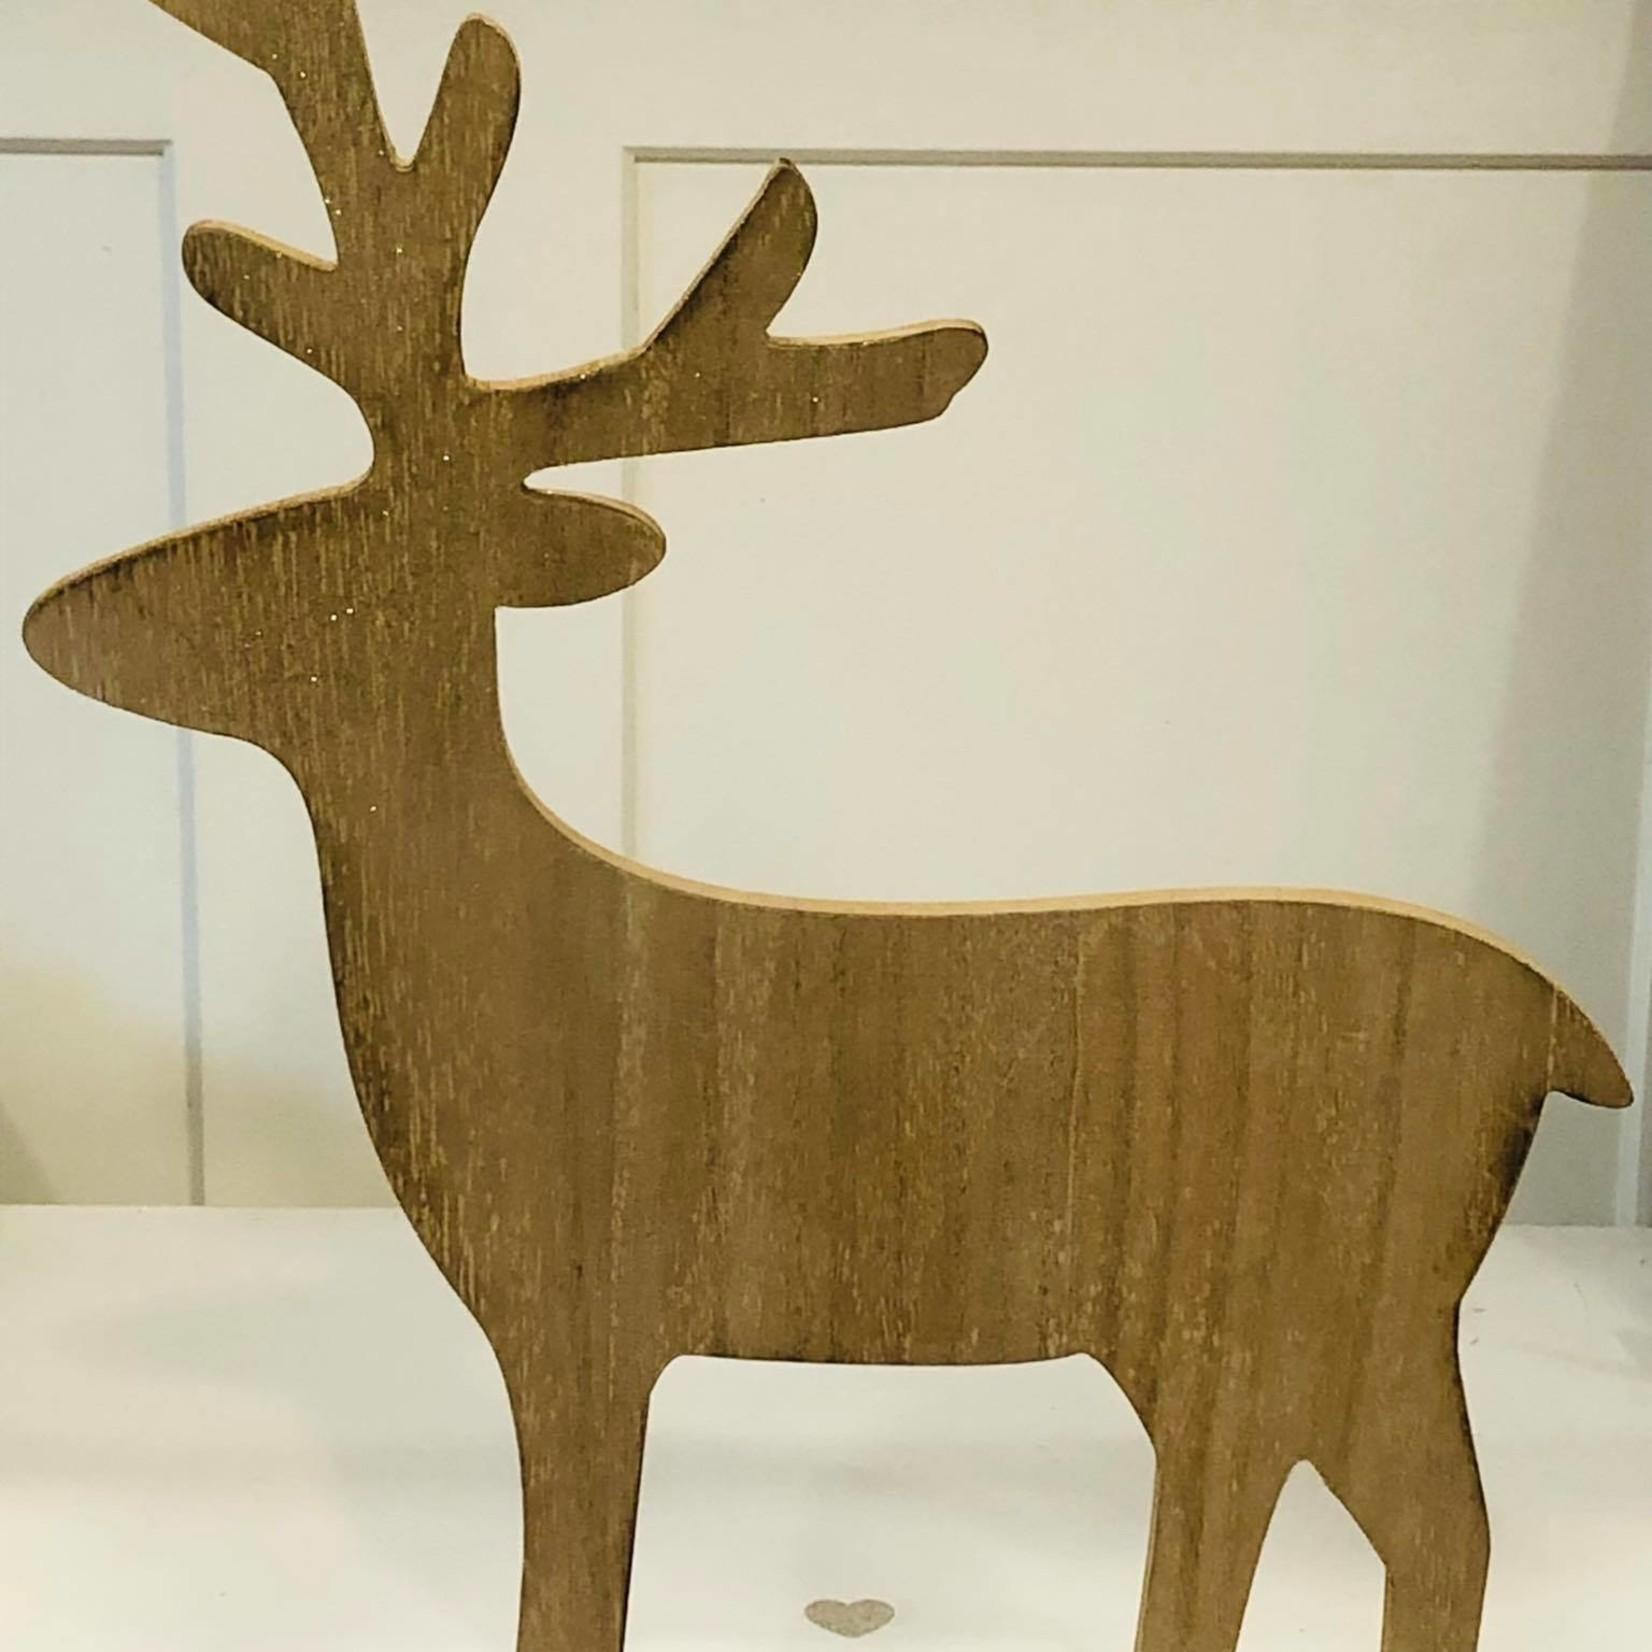 Hert op staander - Naturel - 44,5cm x 34cm